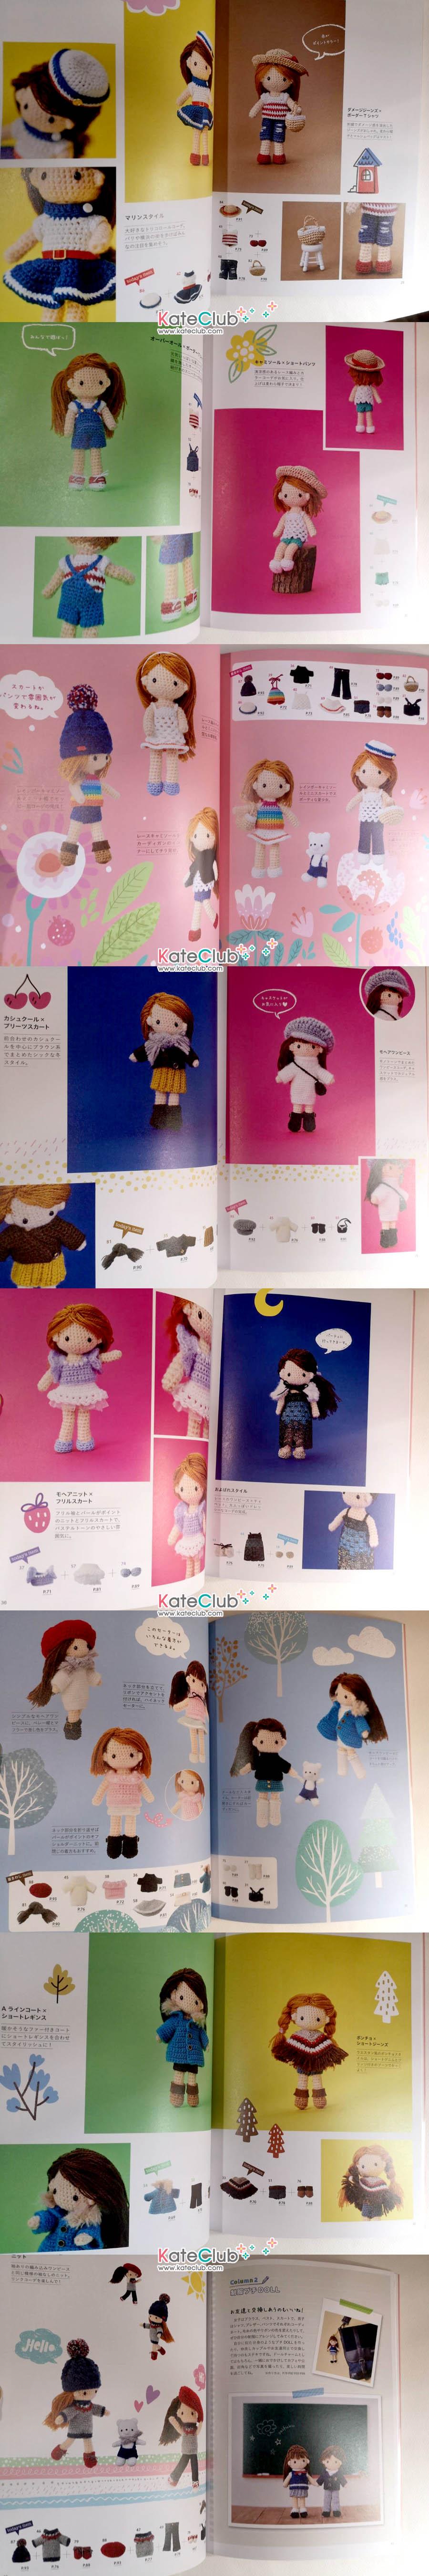 หนังสือสอนถักโครเชต์ตุ๊กตาเด็กผู้หญิง และเสื้อผ้า Miya